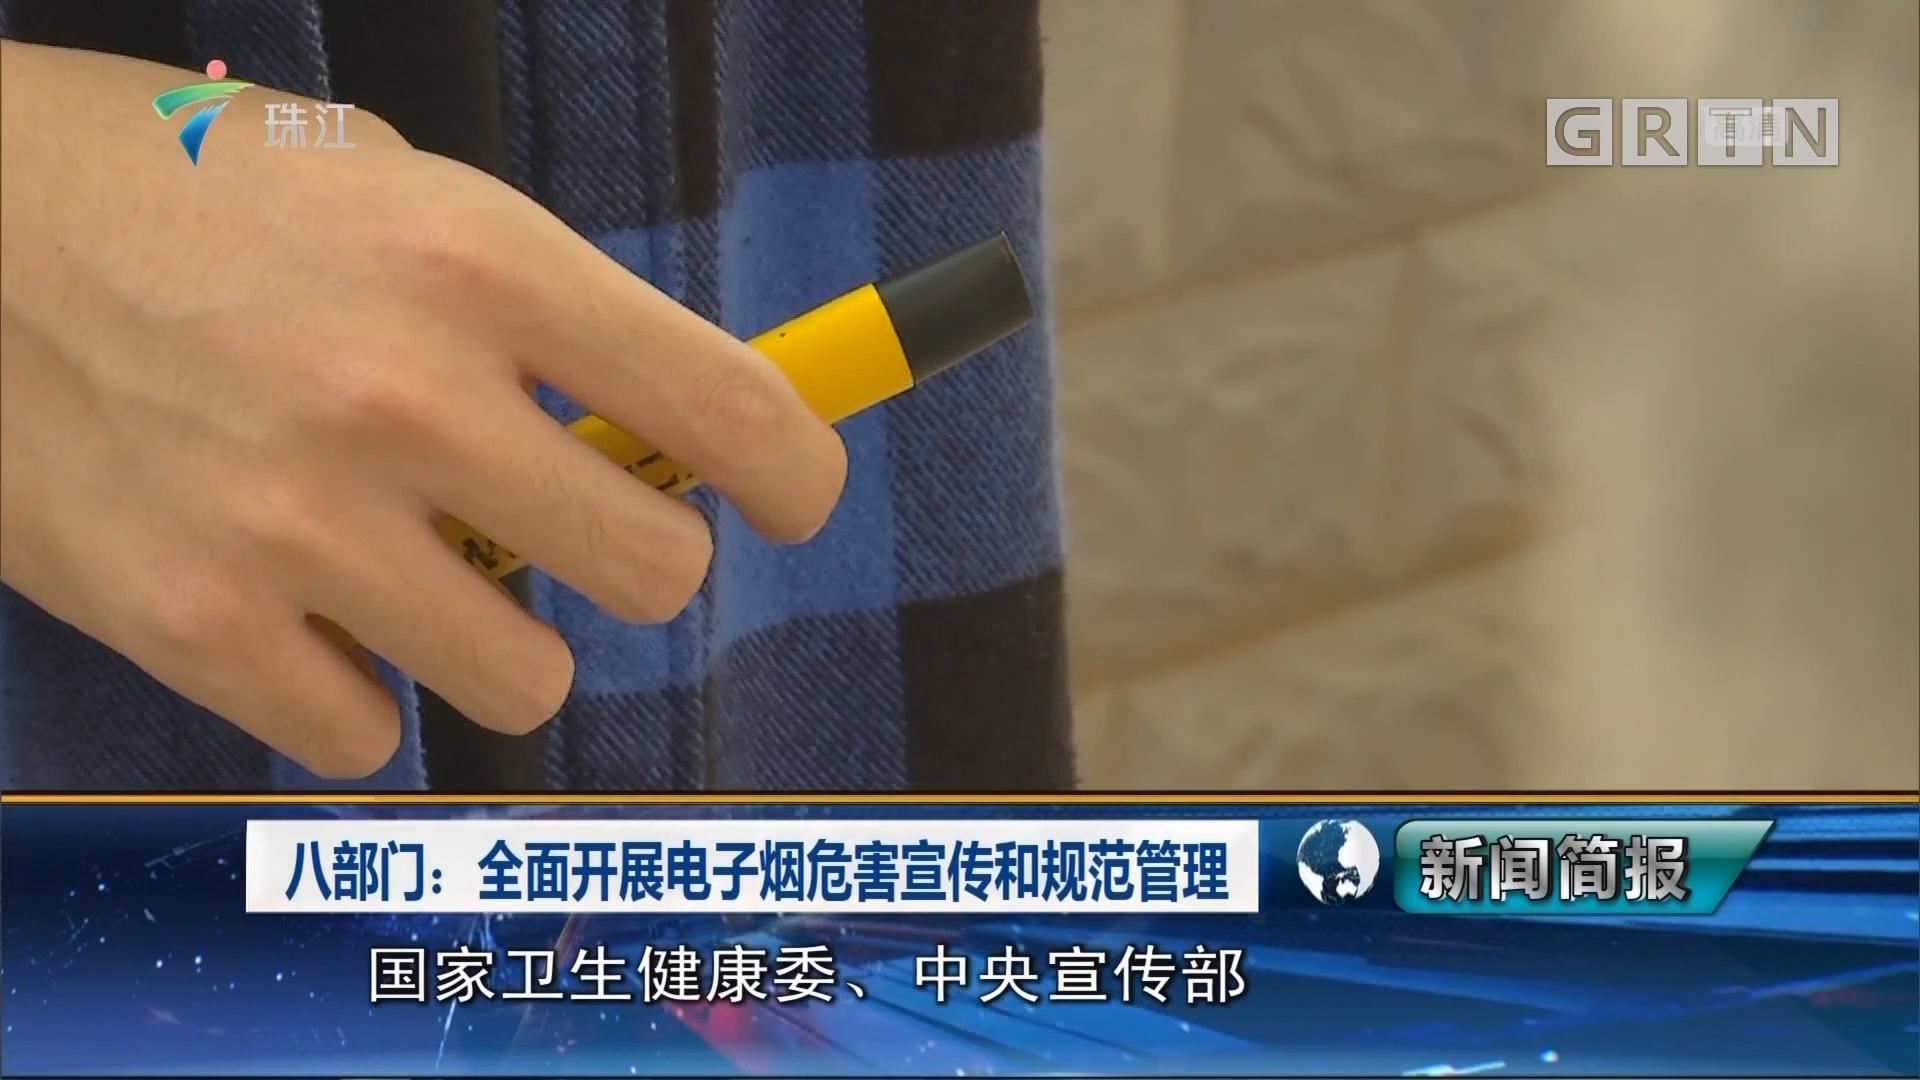 八部门:全面开展电子烟危害宣传和规范管理